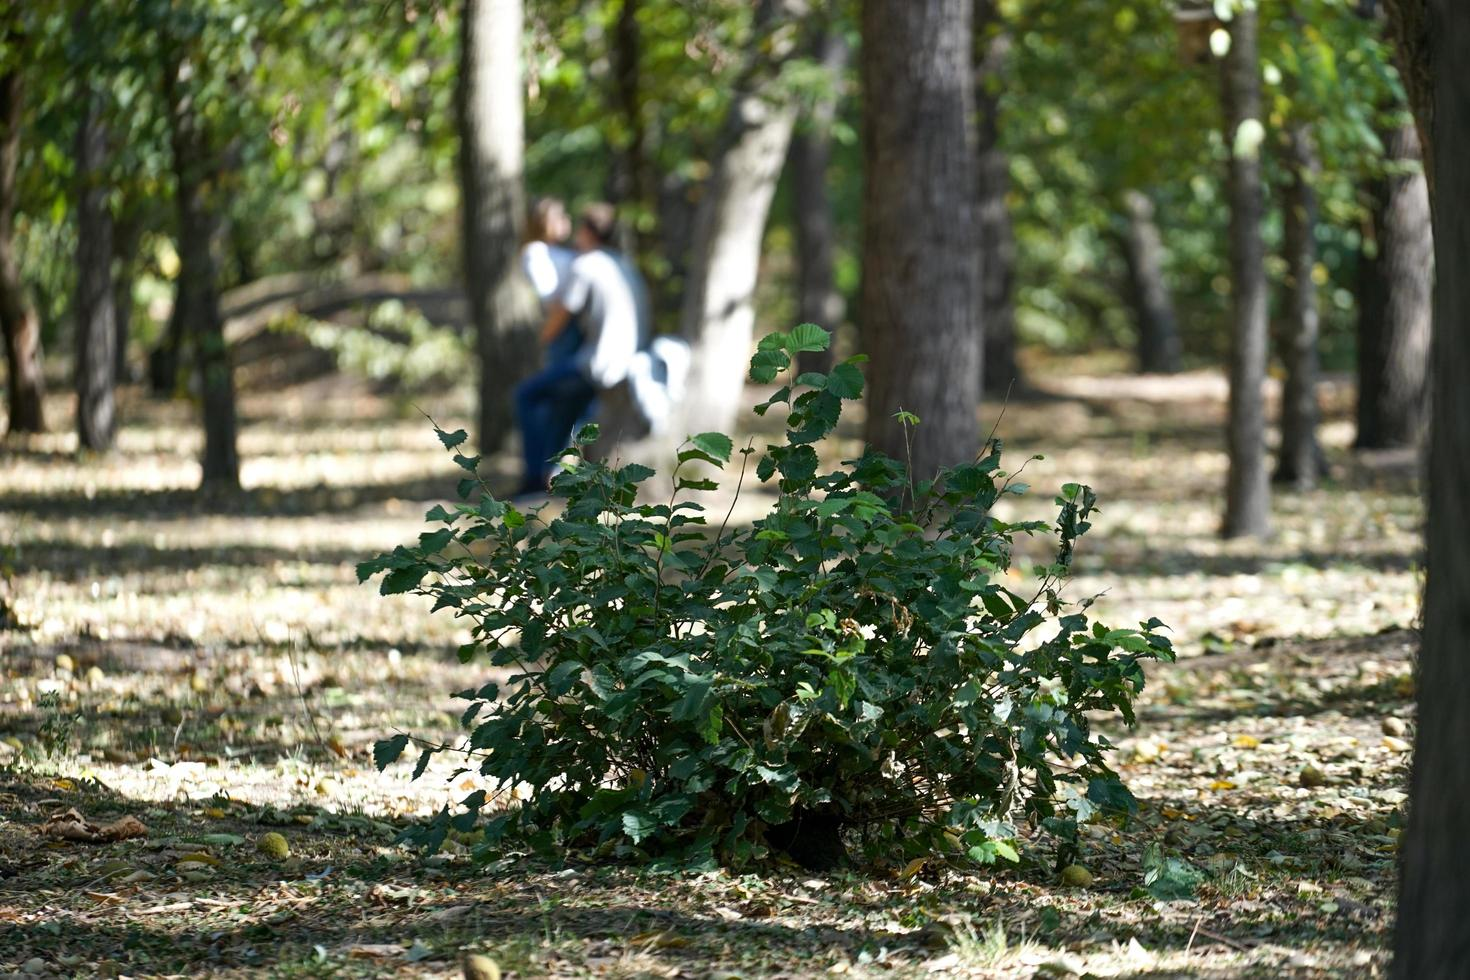 il cespuglio verde nel parco su uno sfondo di alberi foto